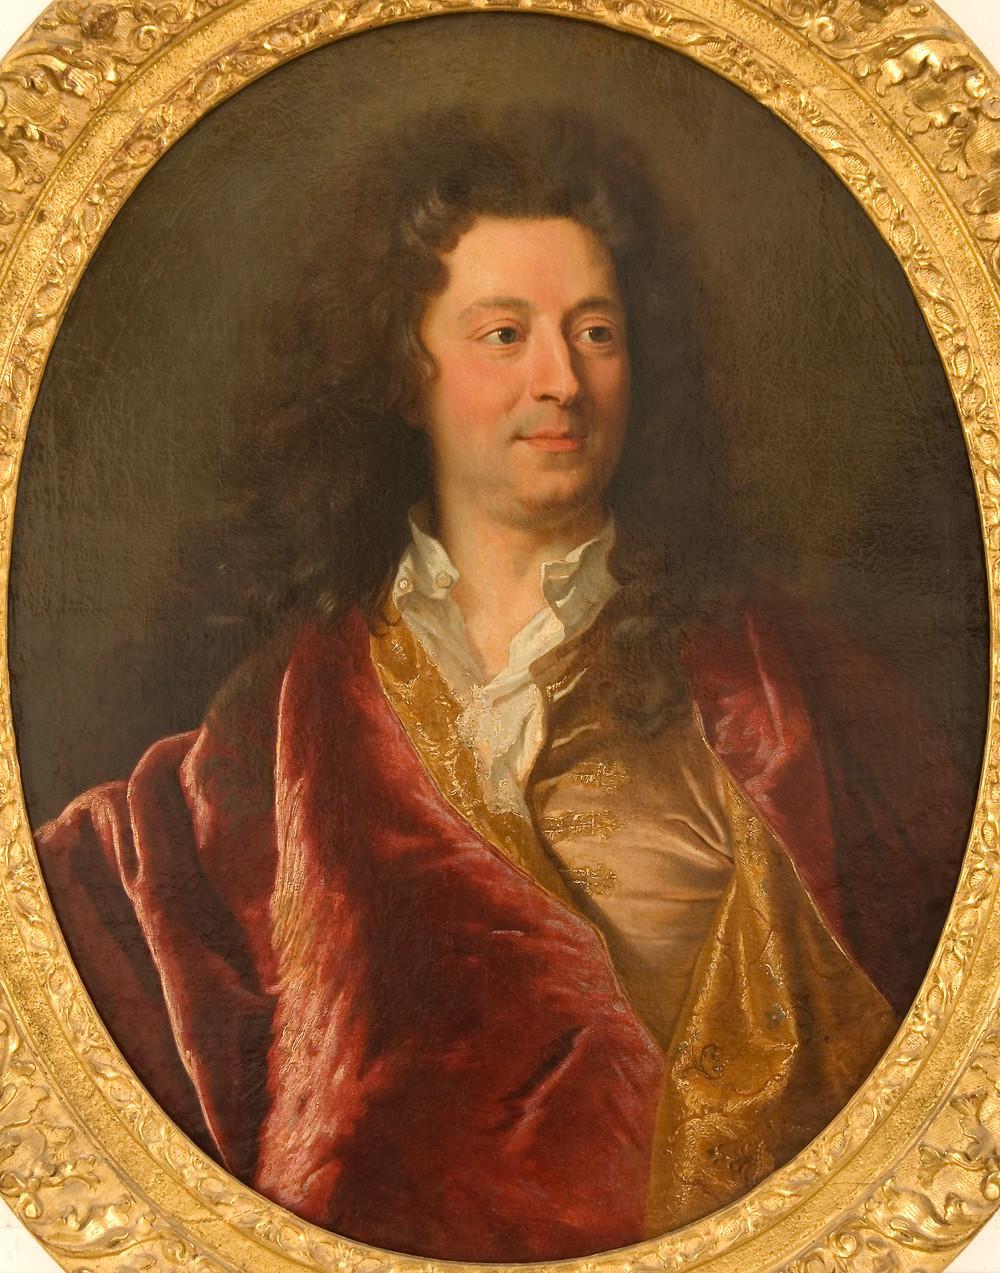 Hyacinthe Rigaud, Charles de La Fosse, 1682, collection particulière